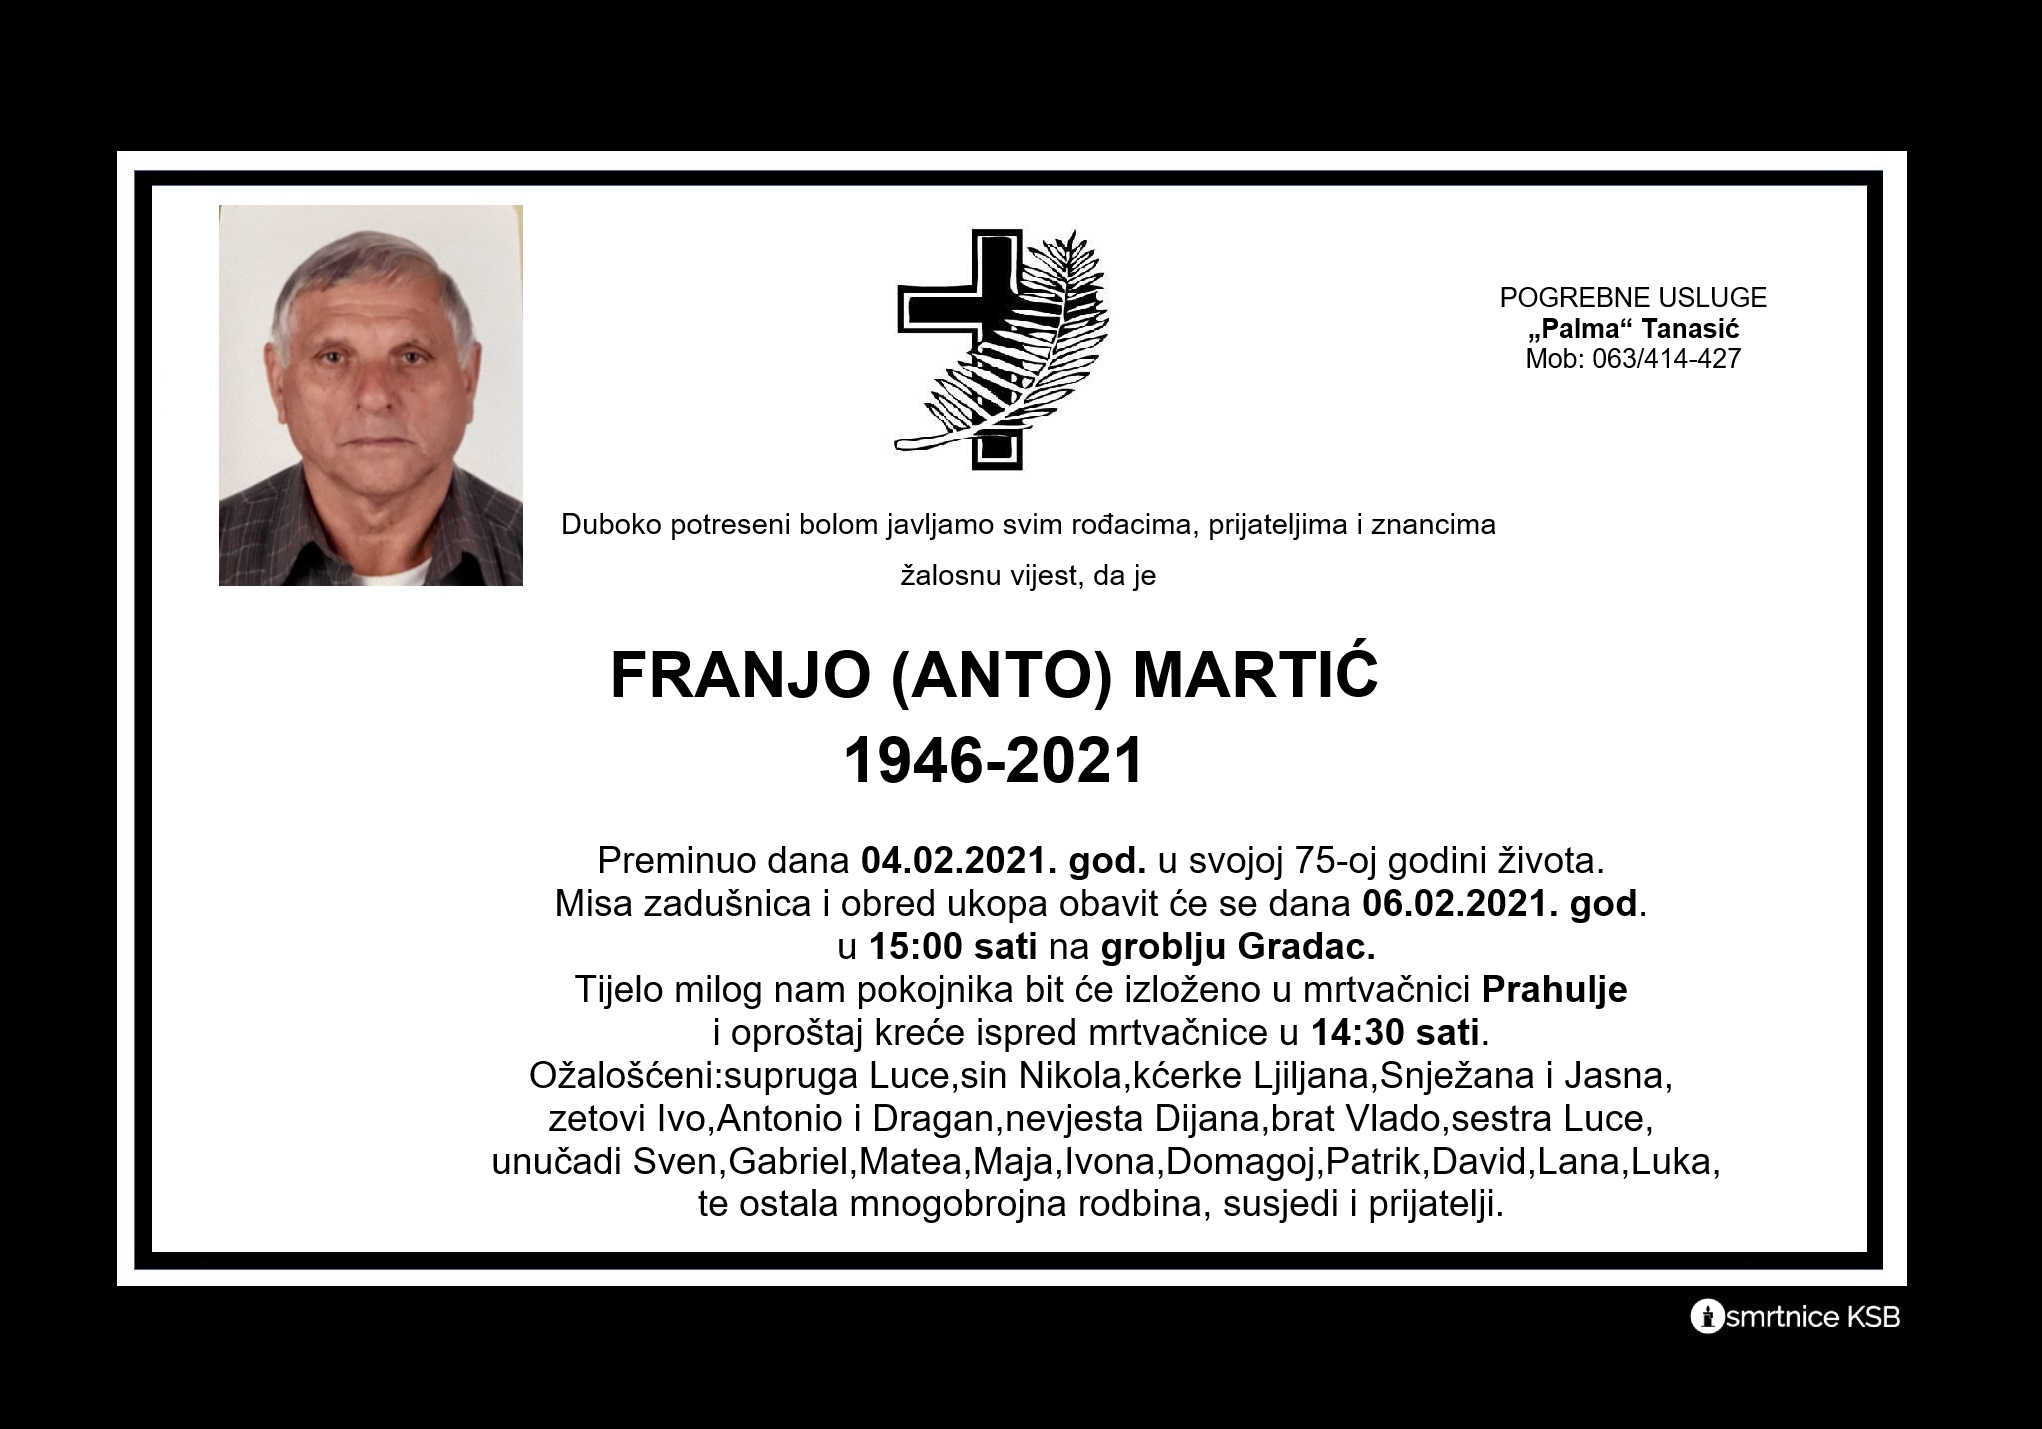 Franjo (Anto) Martić